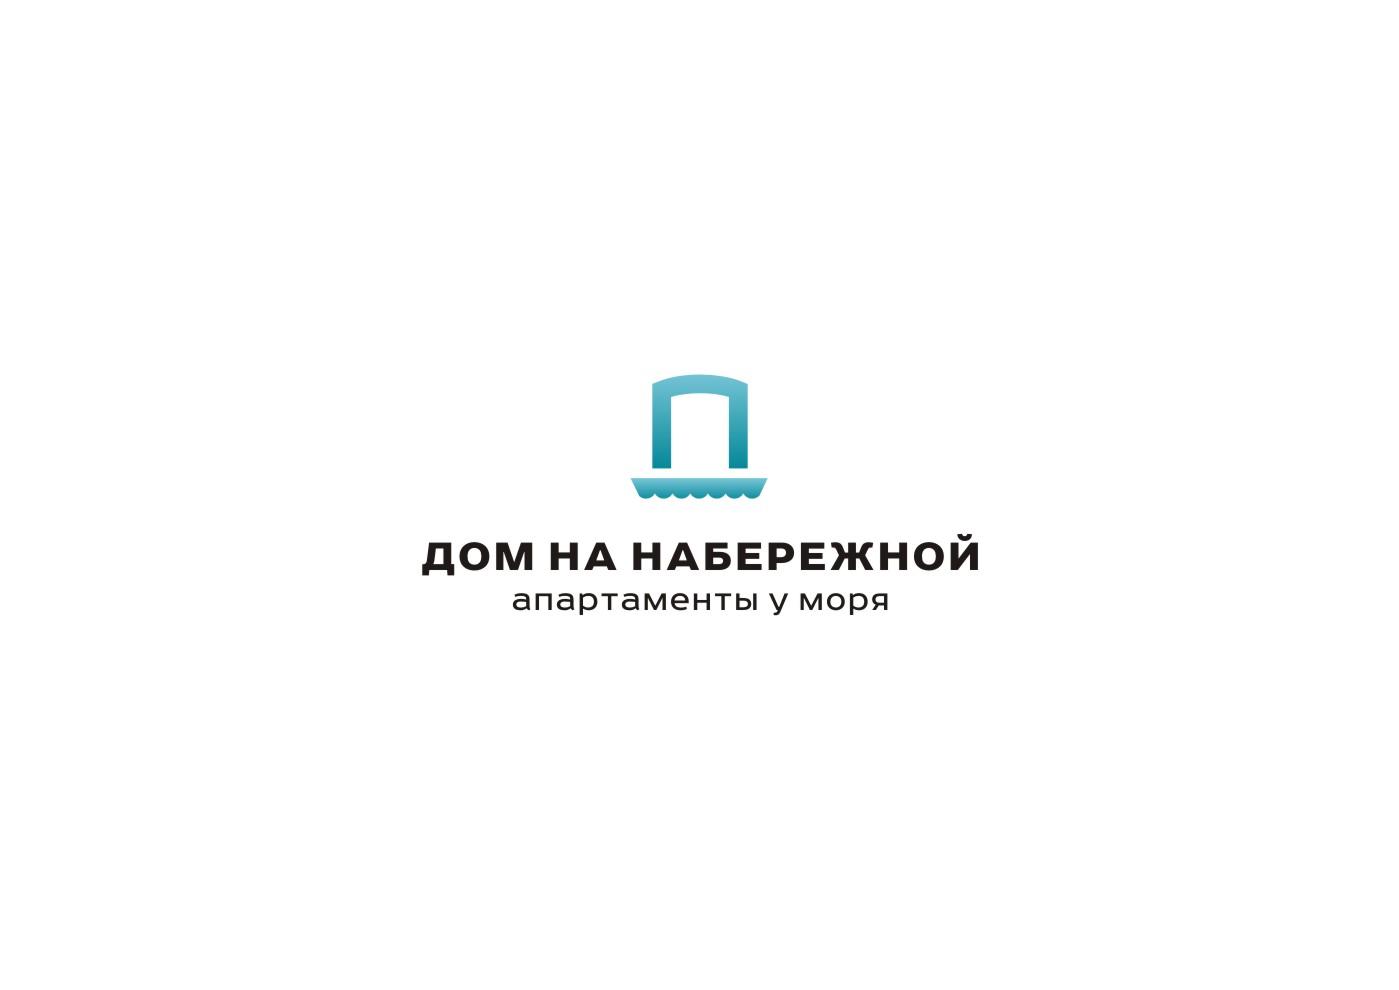 РАЗРАБОТКА логотипа для ЖИЛОГО КОМПЛЕКСА премиум В АНАПЕ.  фото f_2475de778af1da13.jpg